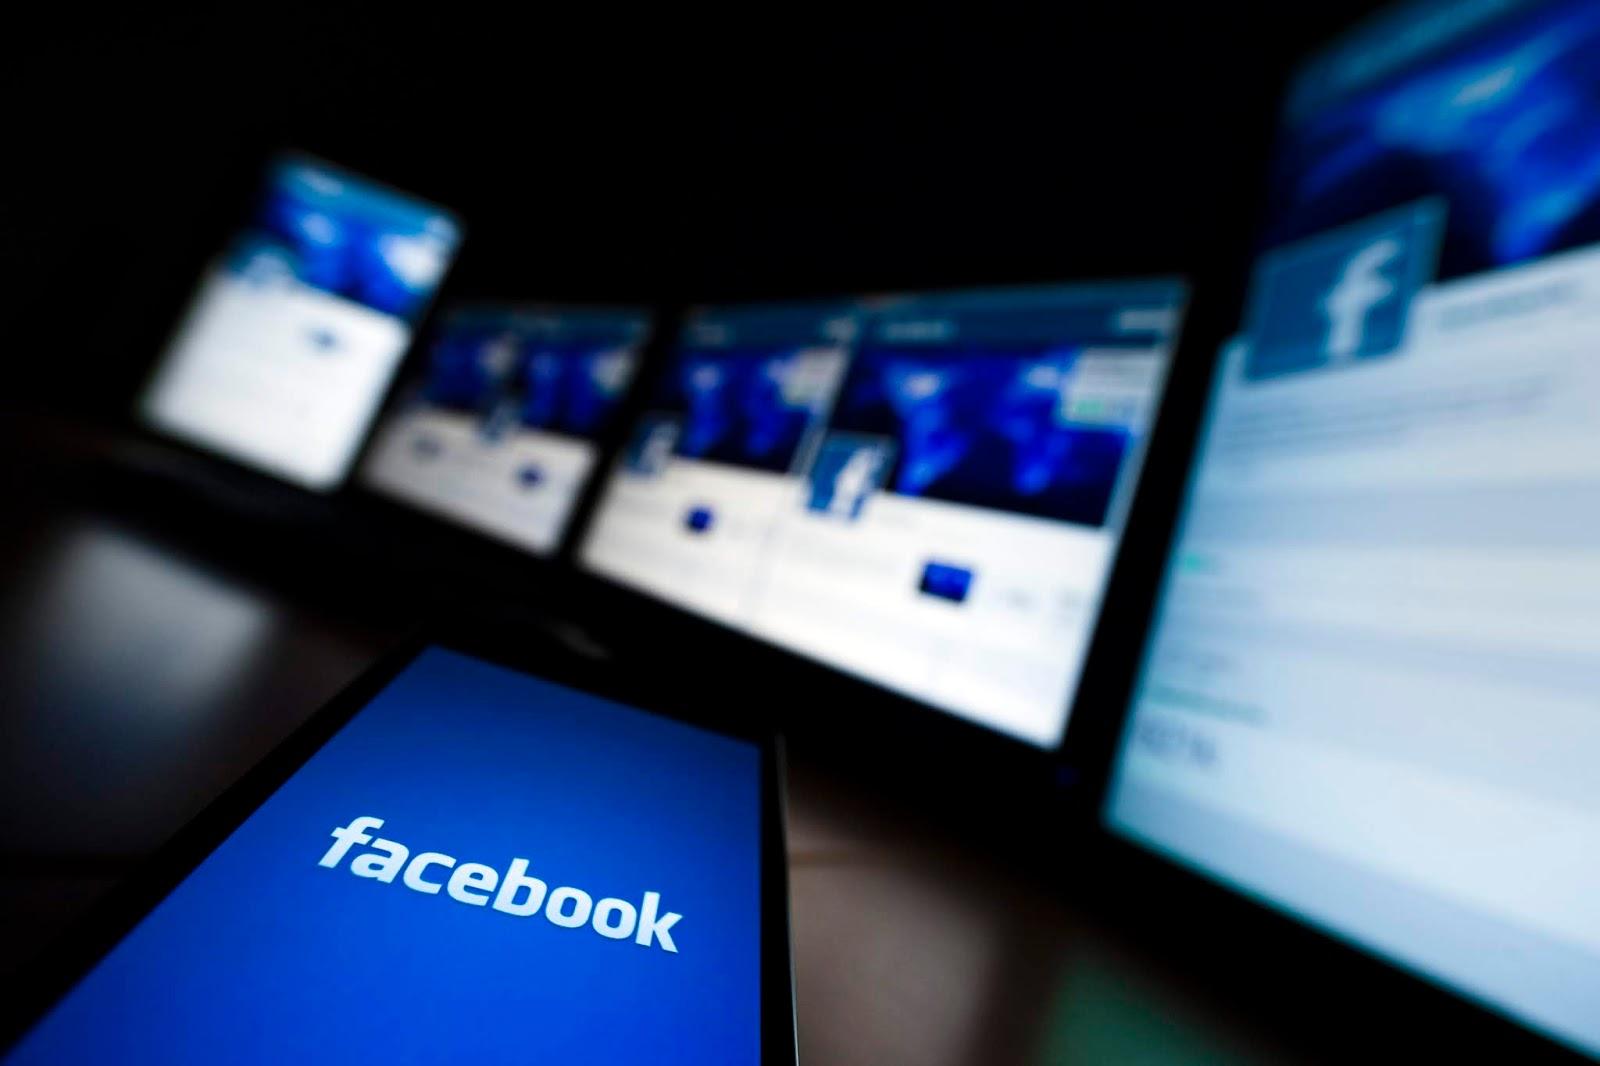 «فيسبوك» تعترف بالاستماع لمحادثات المستخدمين على تطبيق «ماسنجر»